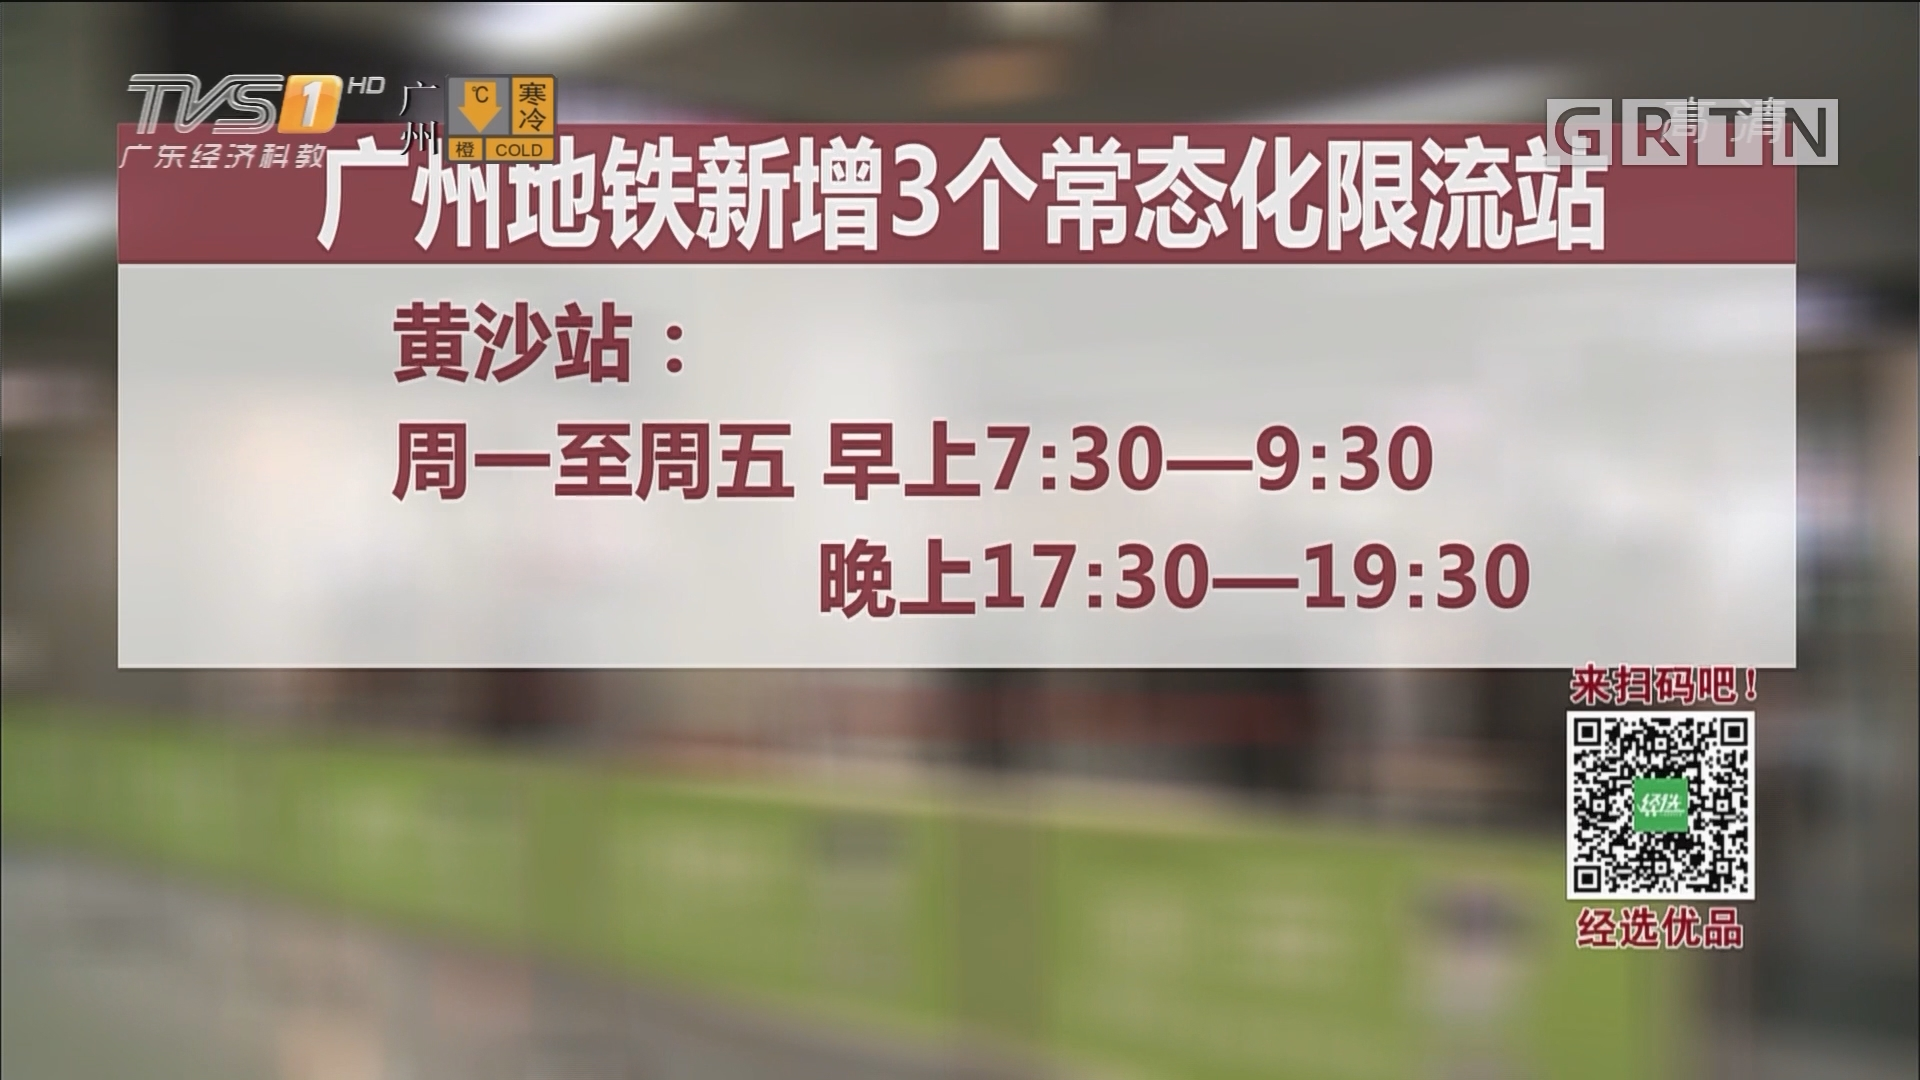 注意! 今天起广州地铁新增3个常态化限流站!